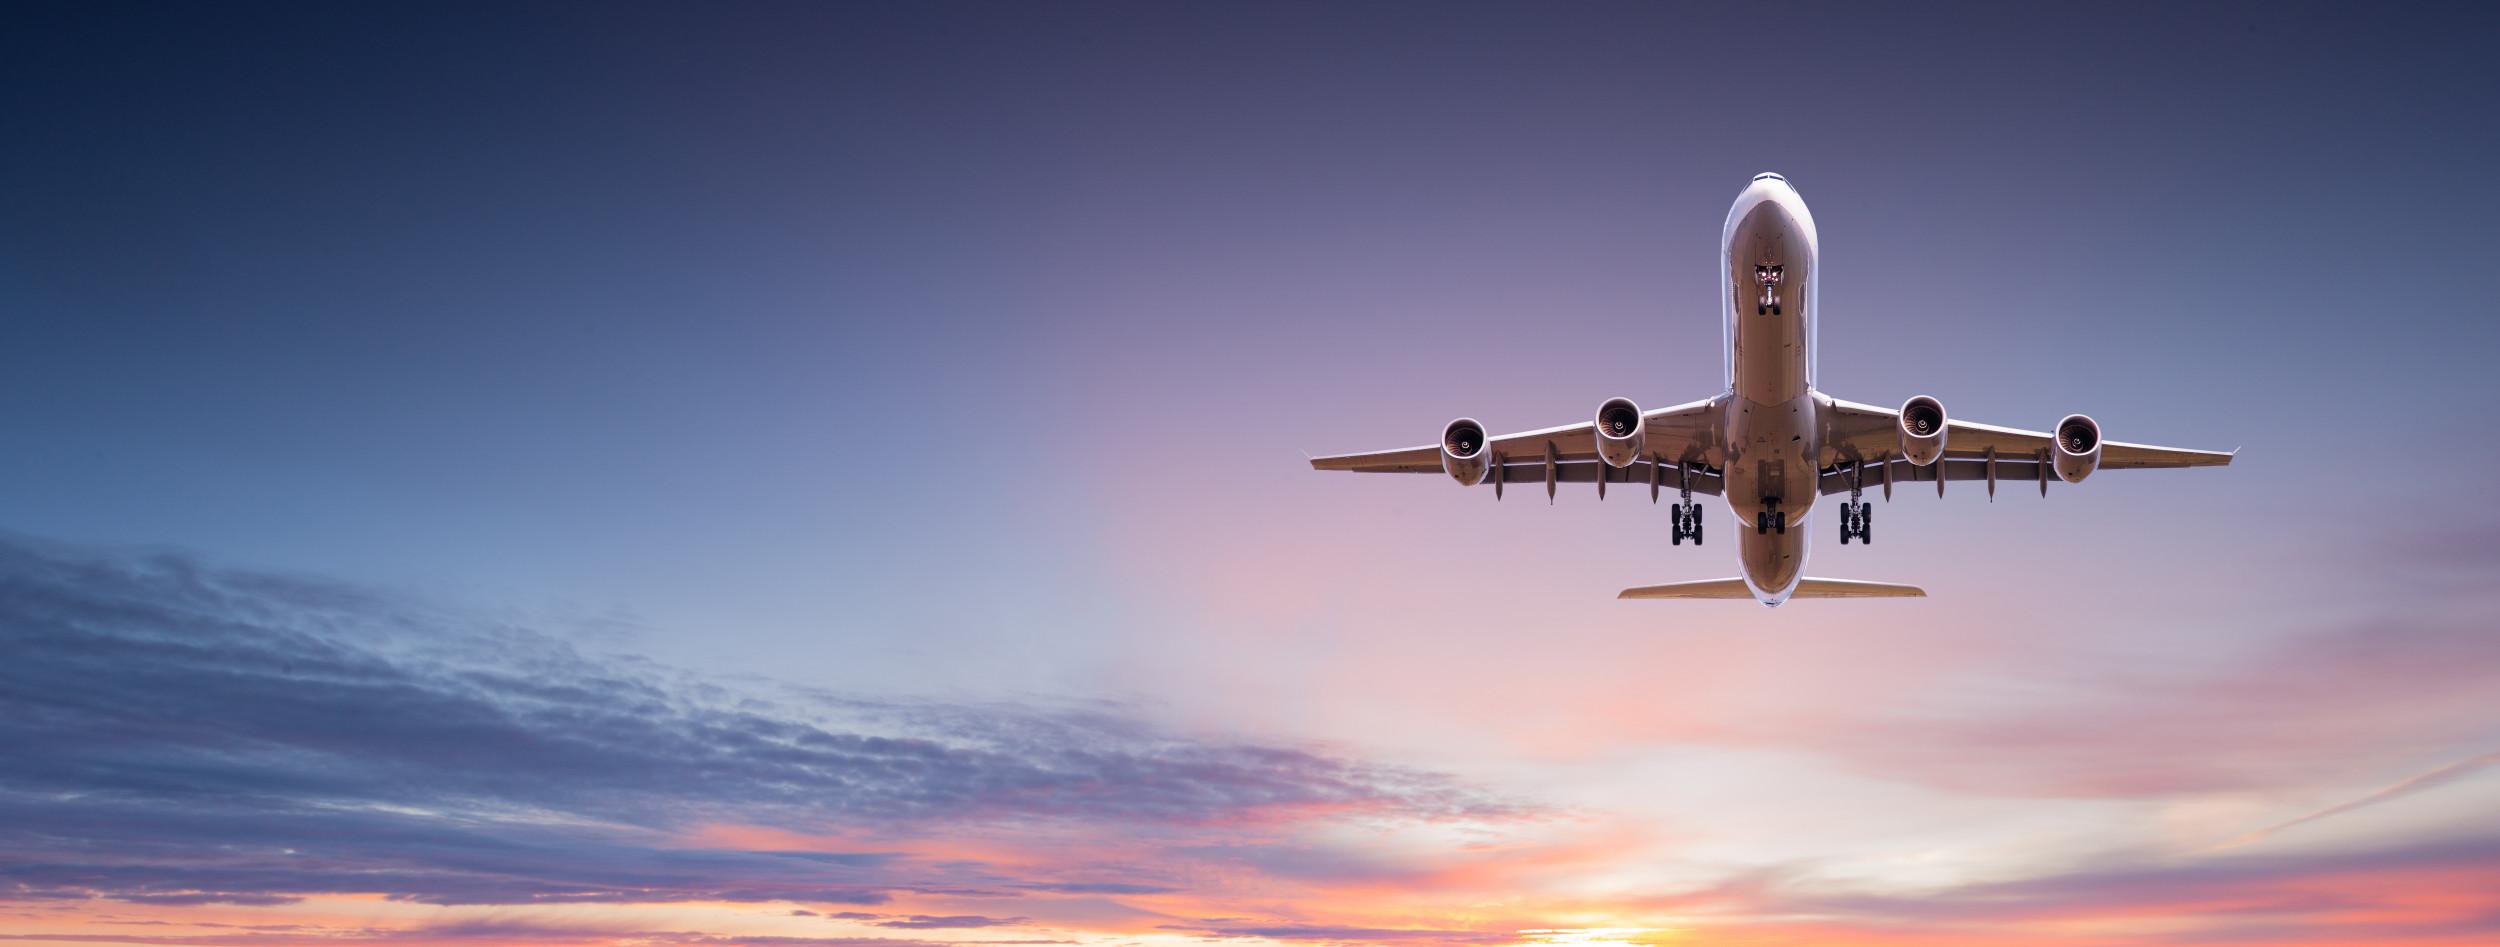 Managing aircraft assets